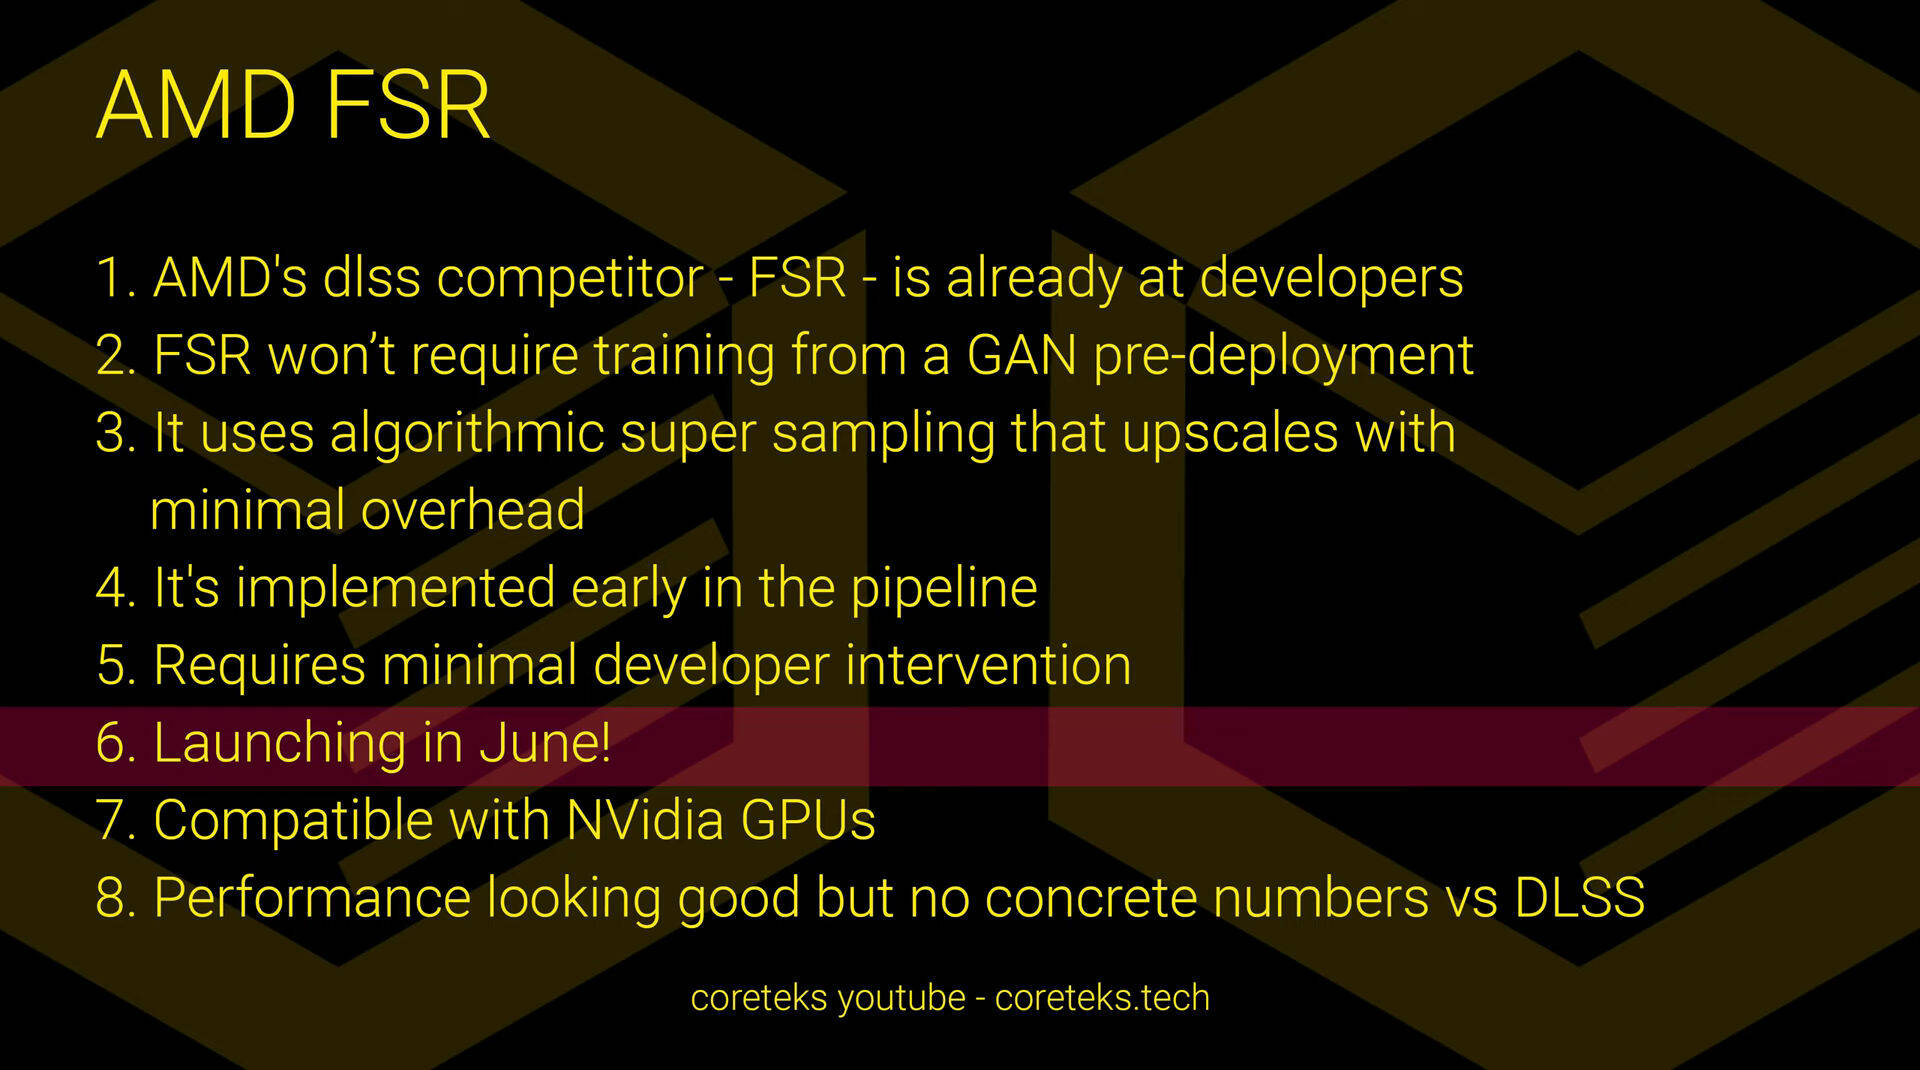 AMD FSR data di lancio